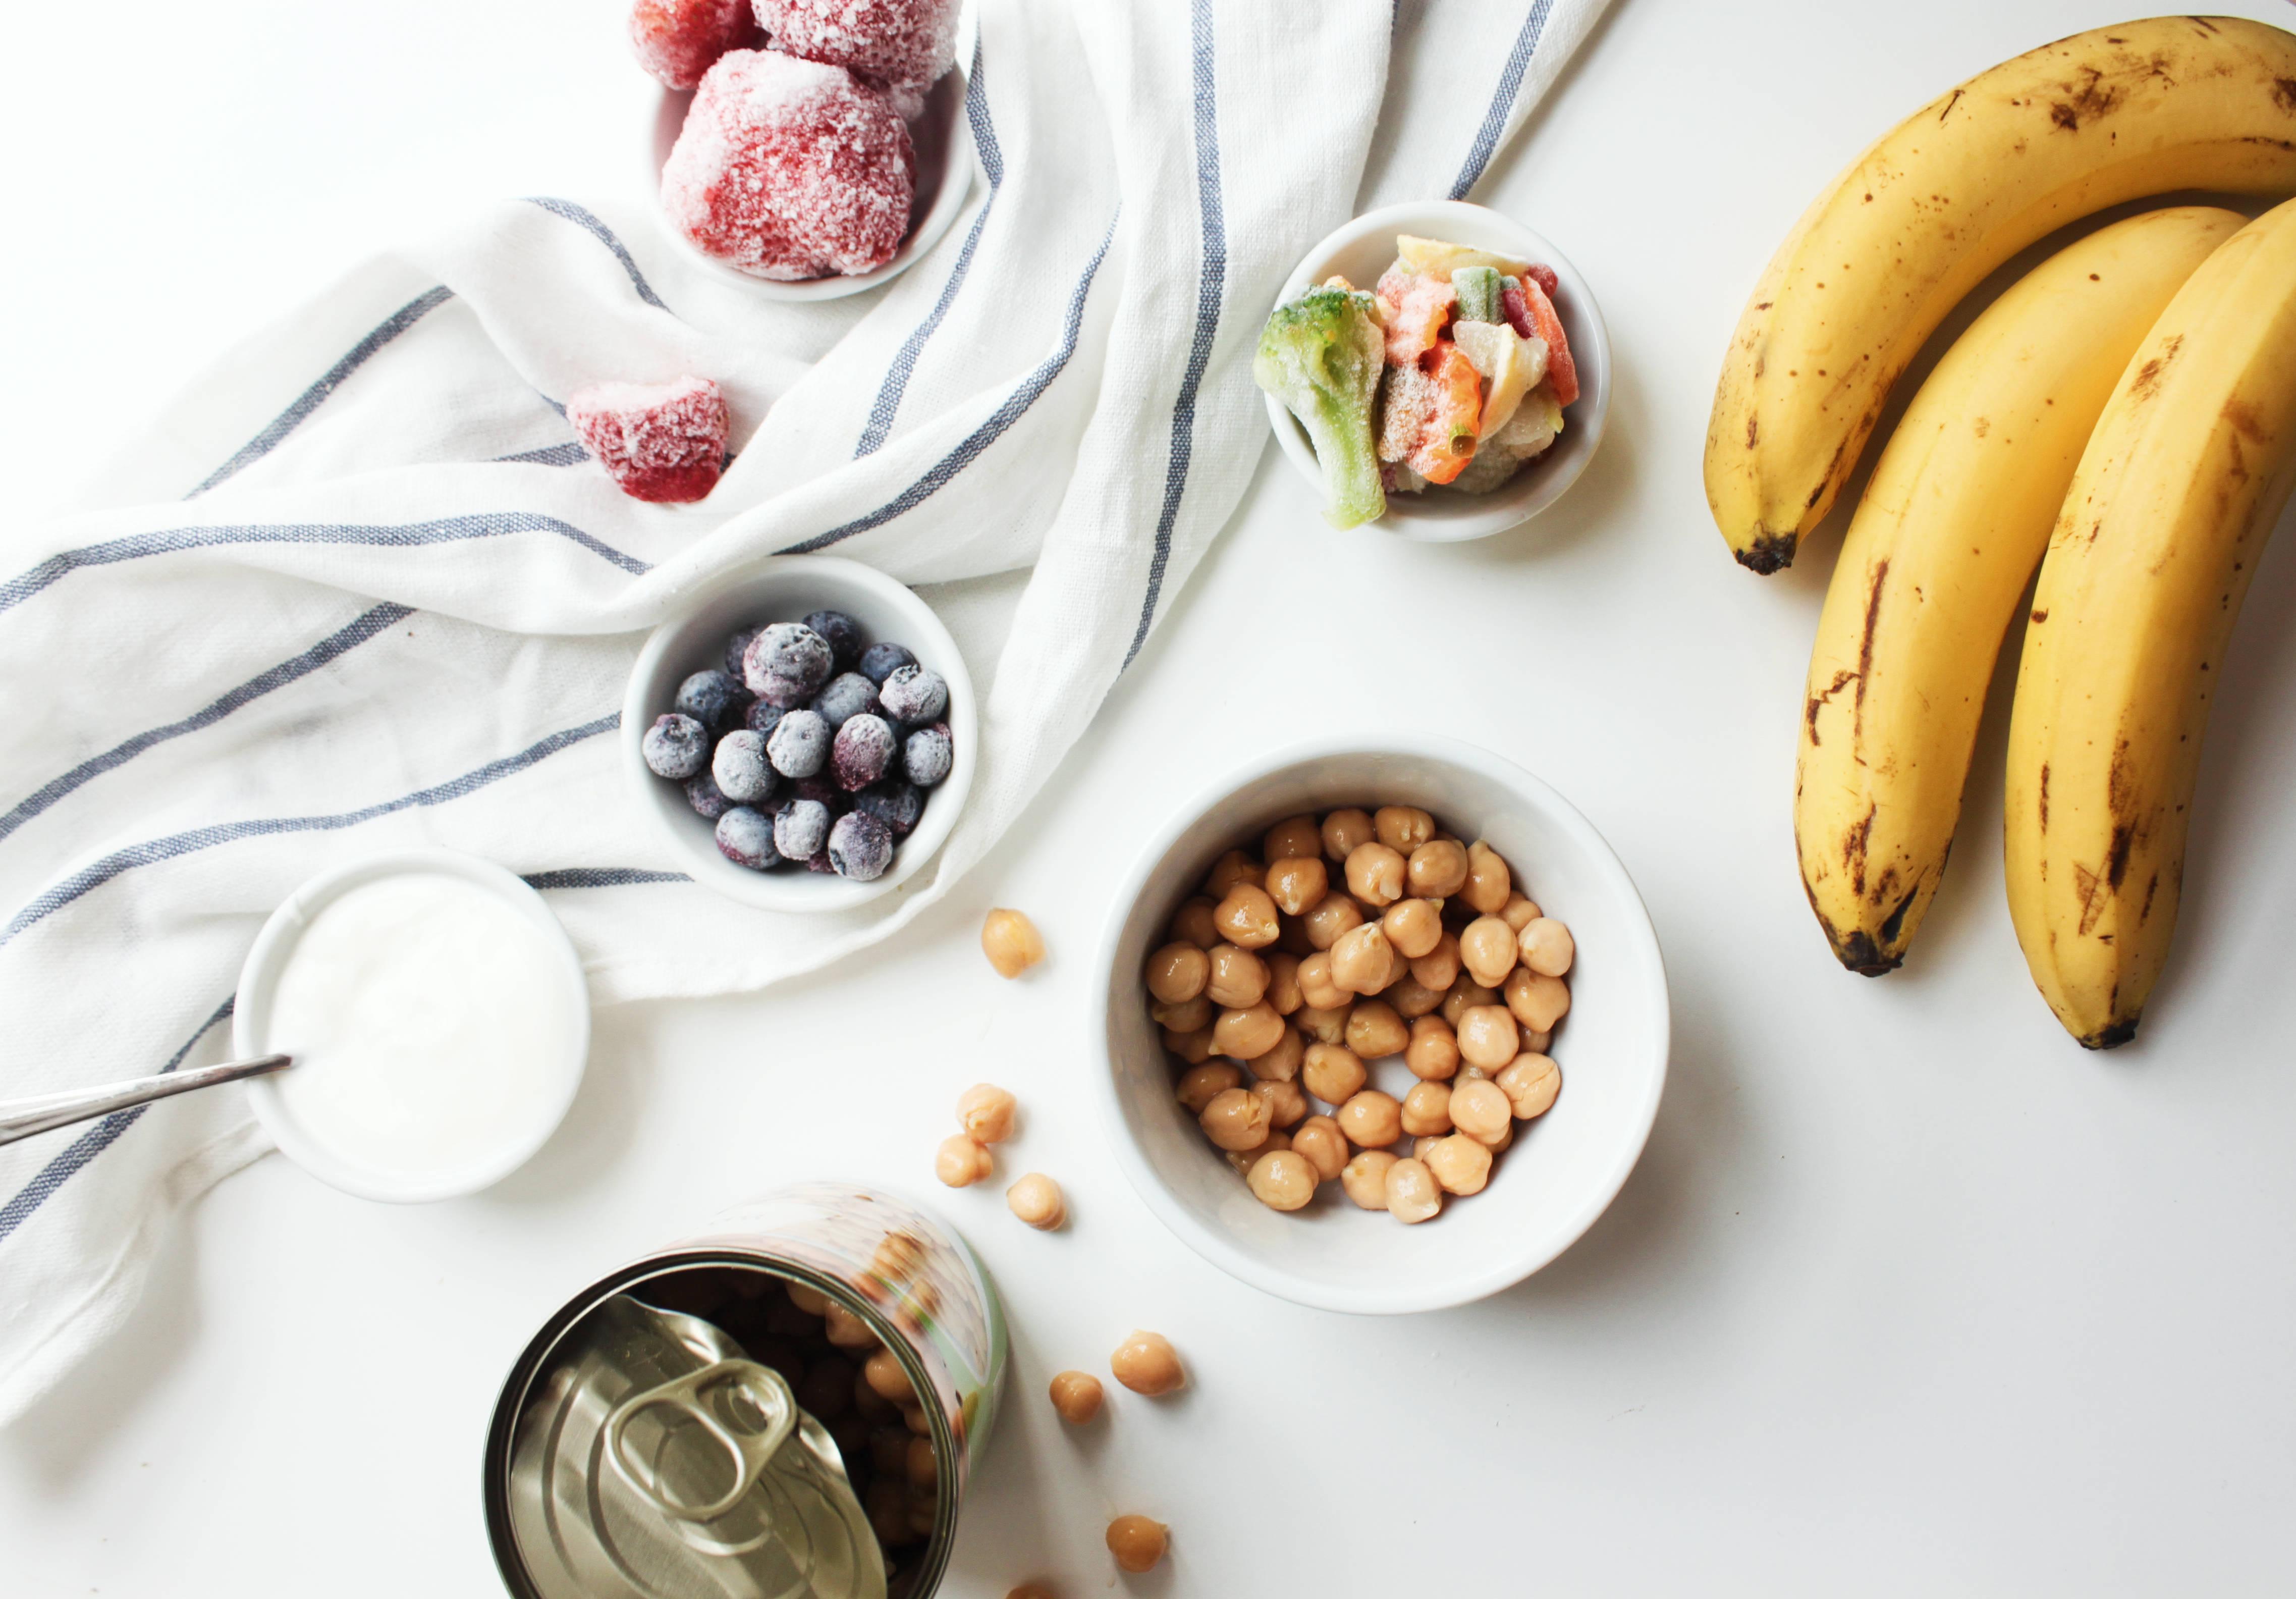 co zawsze mam w kuchni - zdrowe produkty